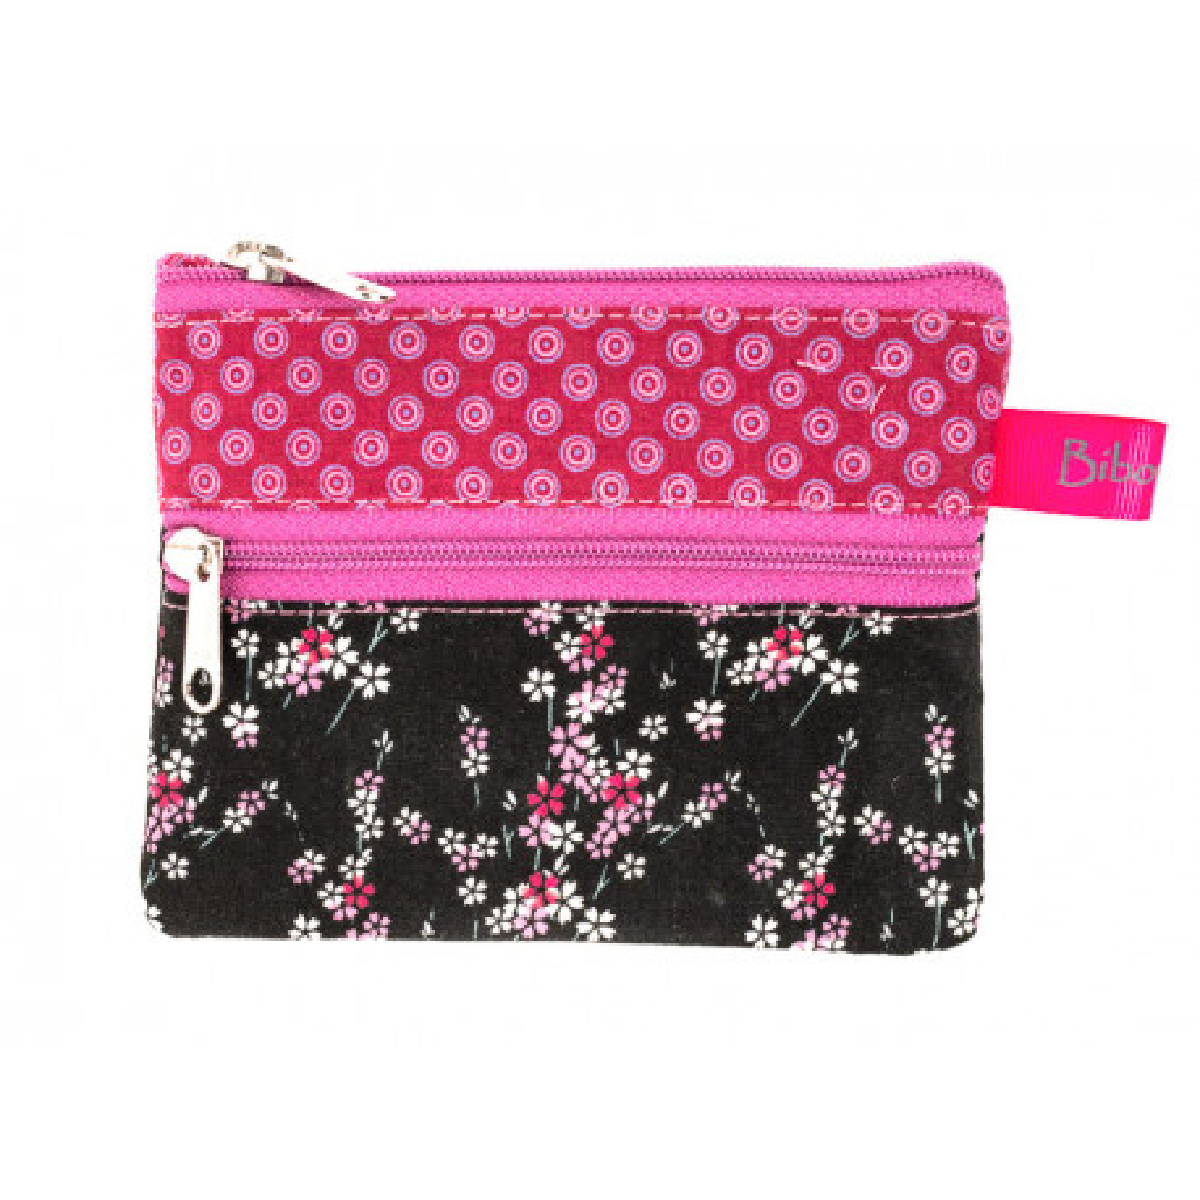 Petit porte-monnaie deux compartiments rose et noir avec fleurs